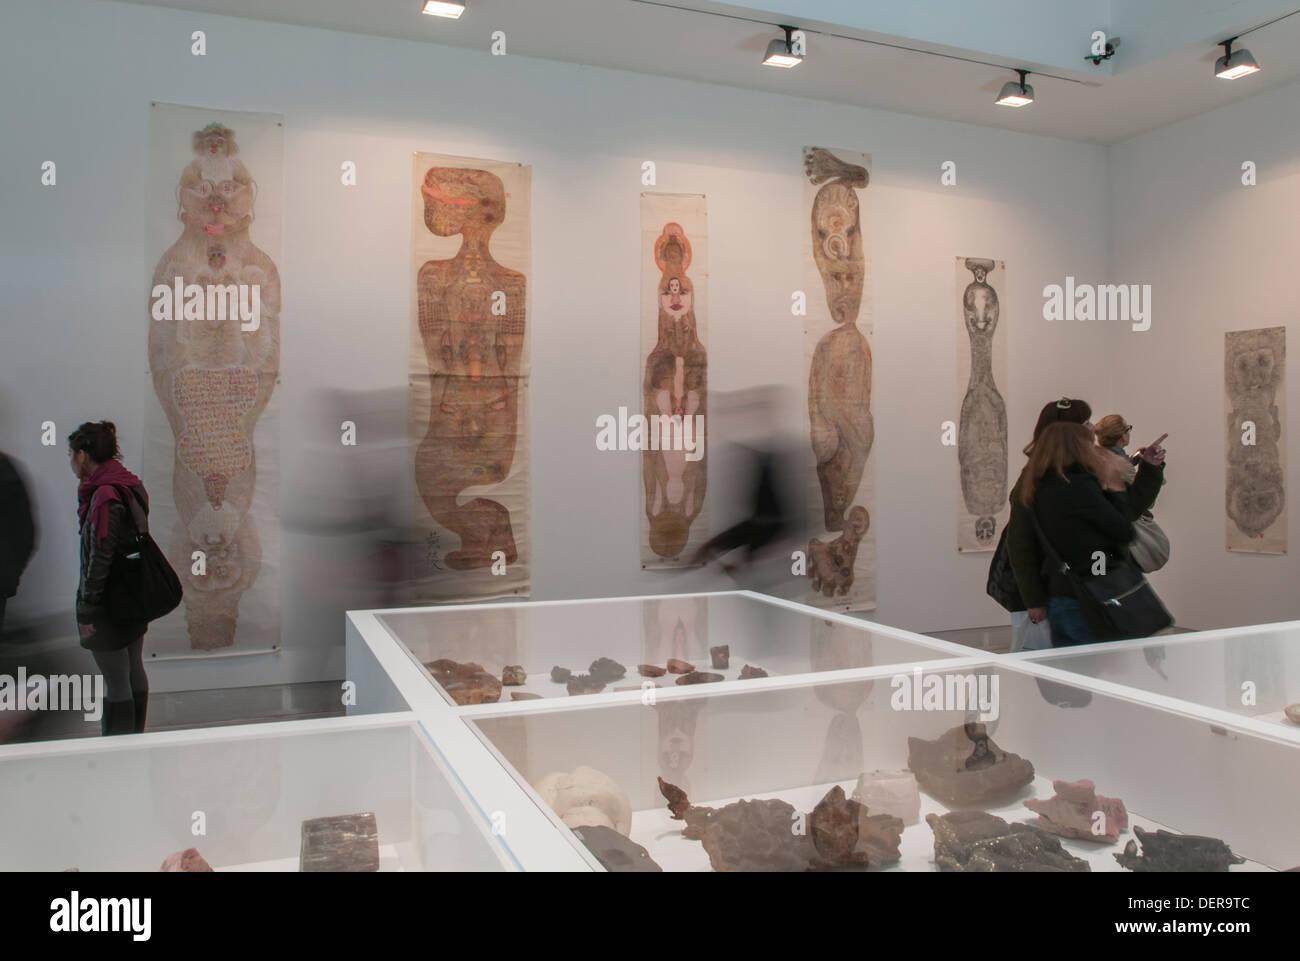 Venice Biennale 2013,' Palazzo enciclopedico' exhibition, - Stock Image